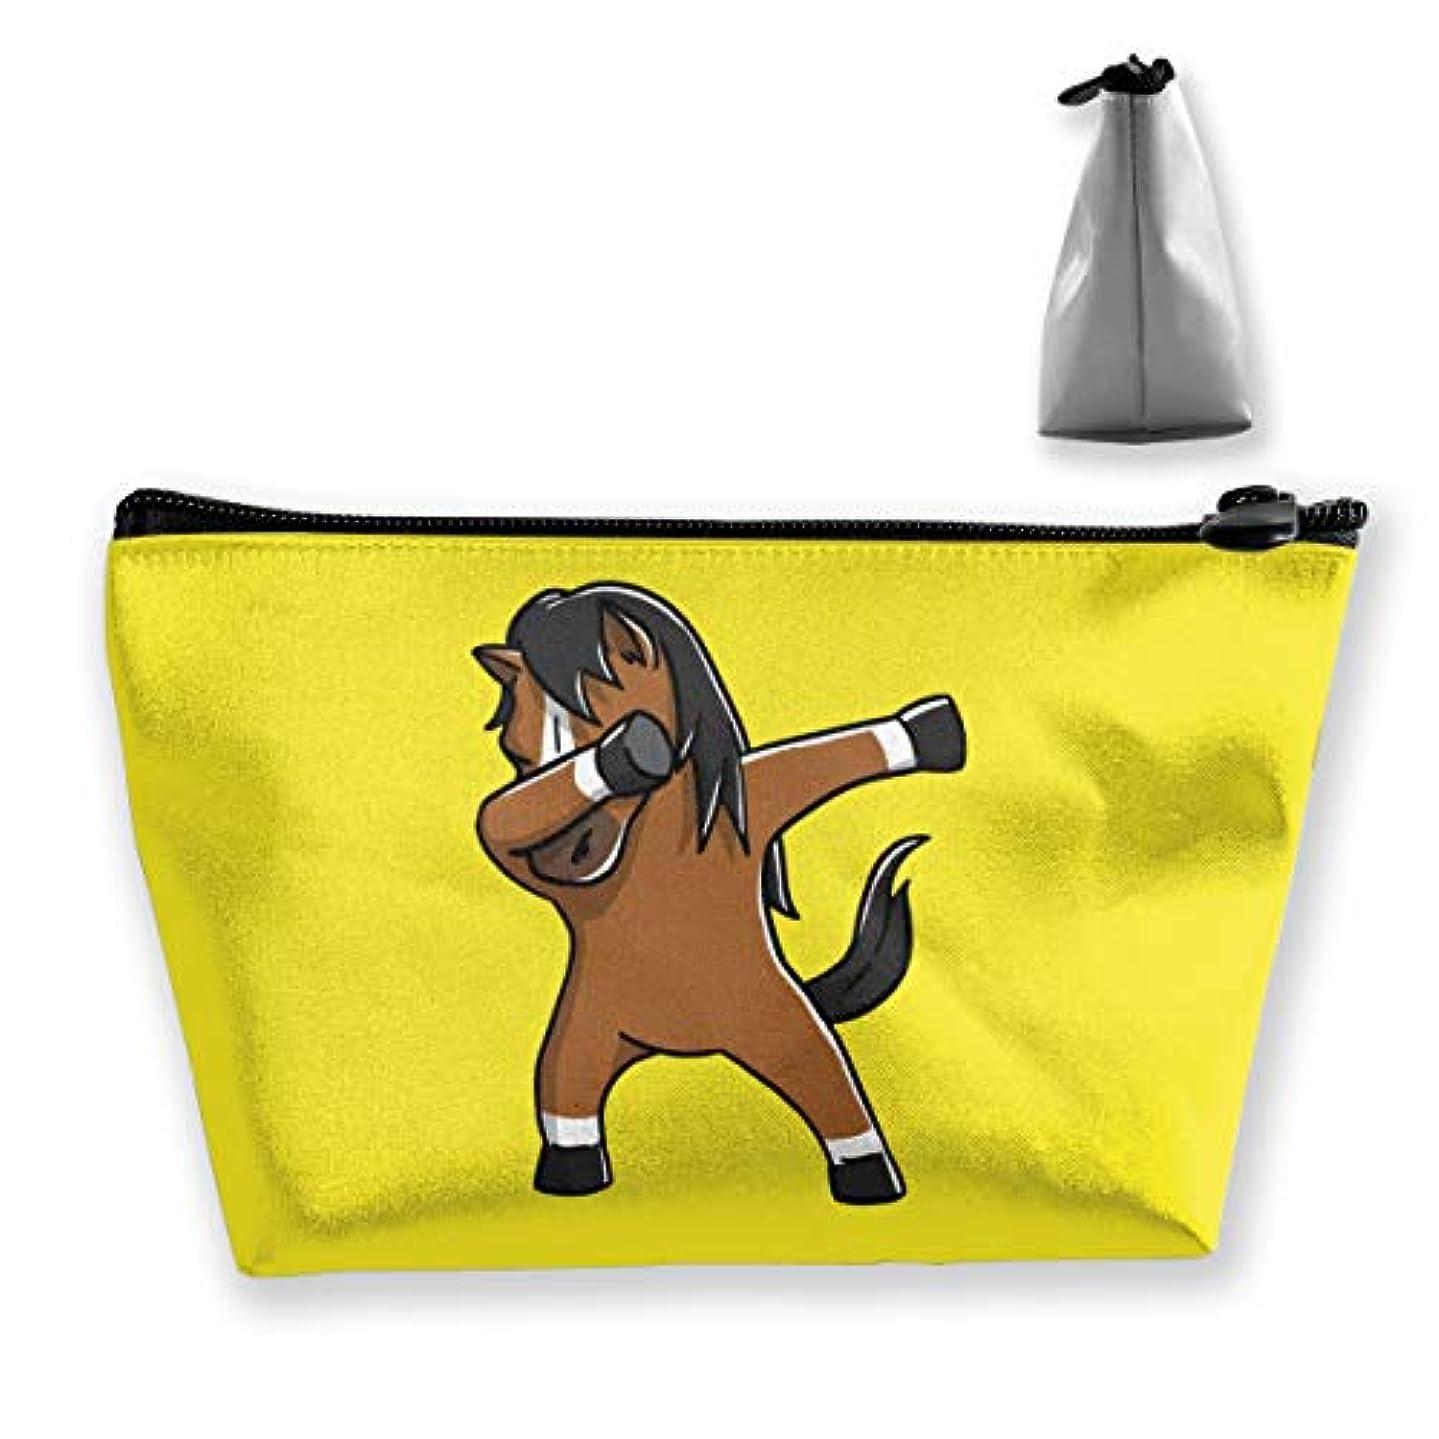 すべて膨張するレバーかわいい軽快な馬 収納ポーチ 化粧バッグ 大容量 台形 収納袋 小銭入れ 小物用ケース 携帯便利 防水 出張 旅行